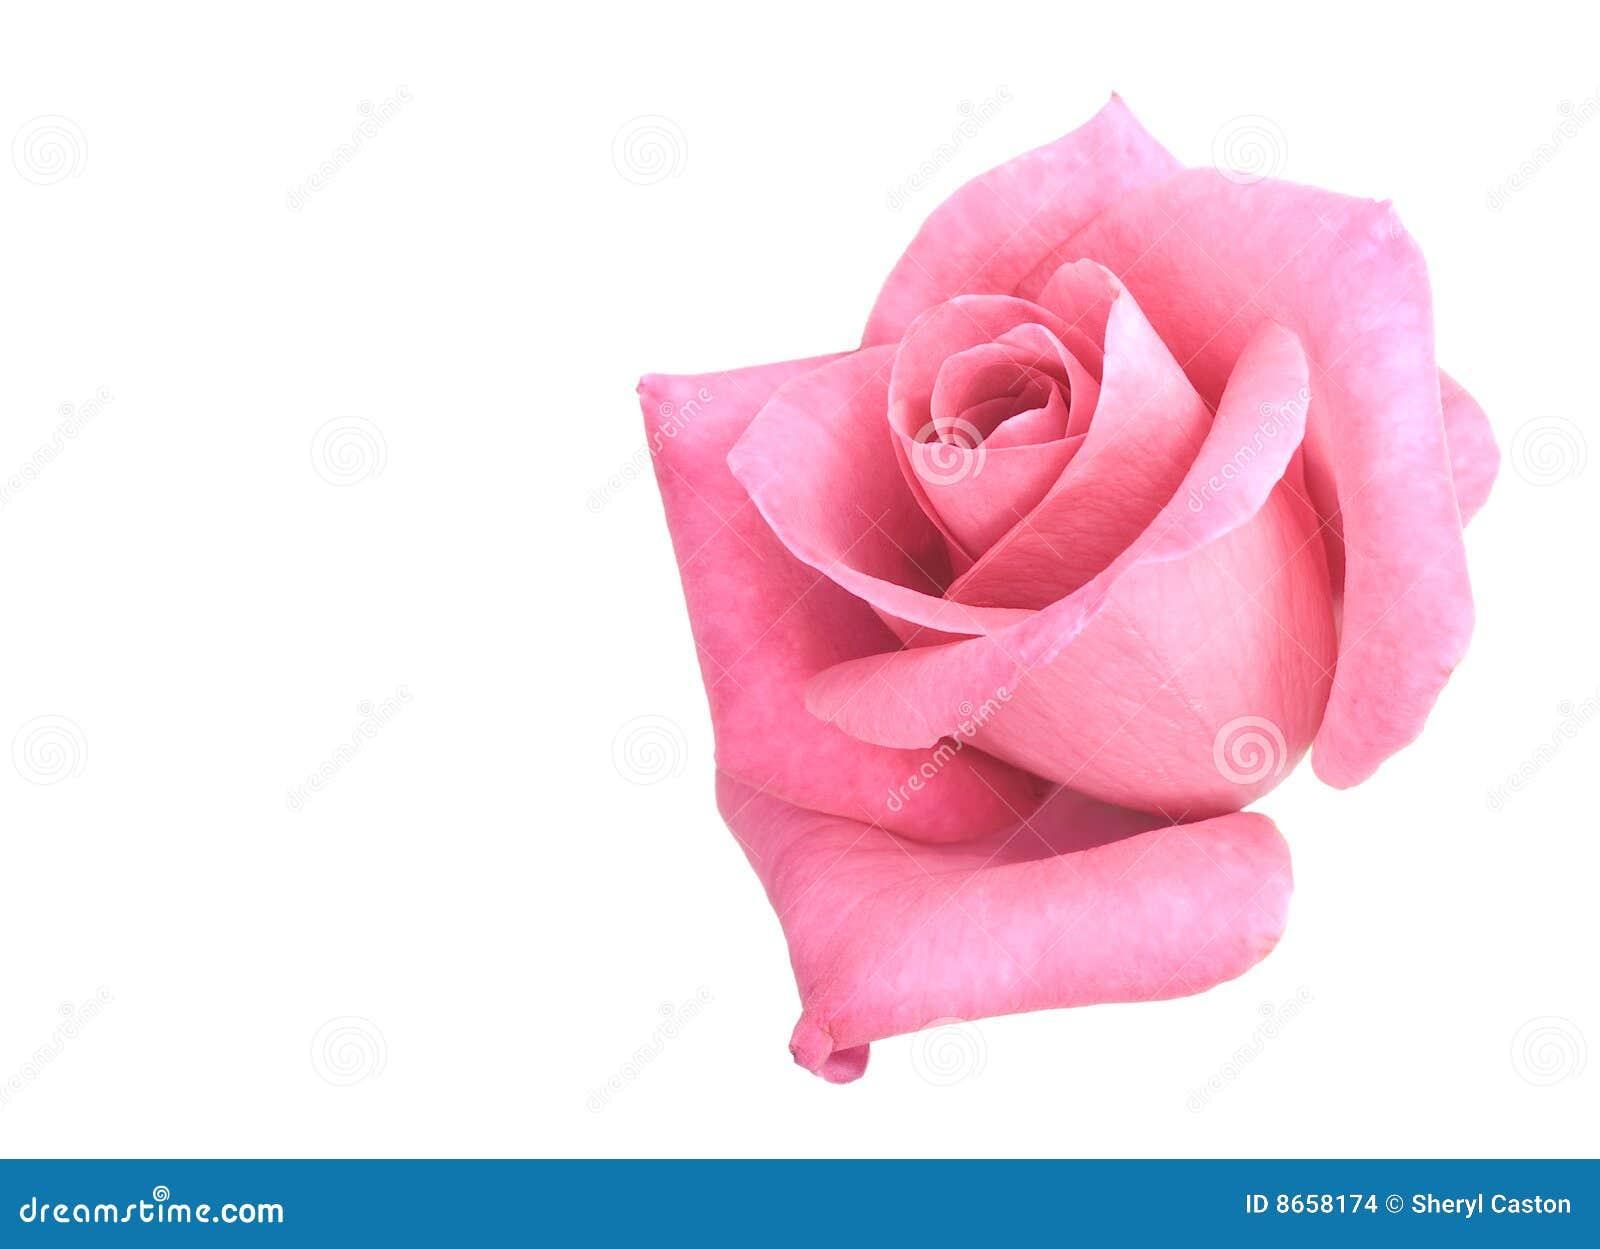 Le rose de fleur de fleur a monté